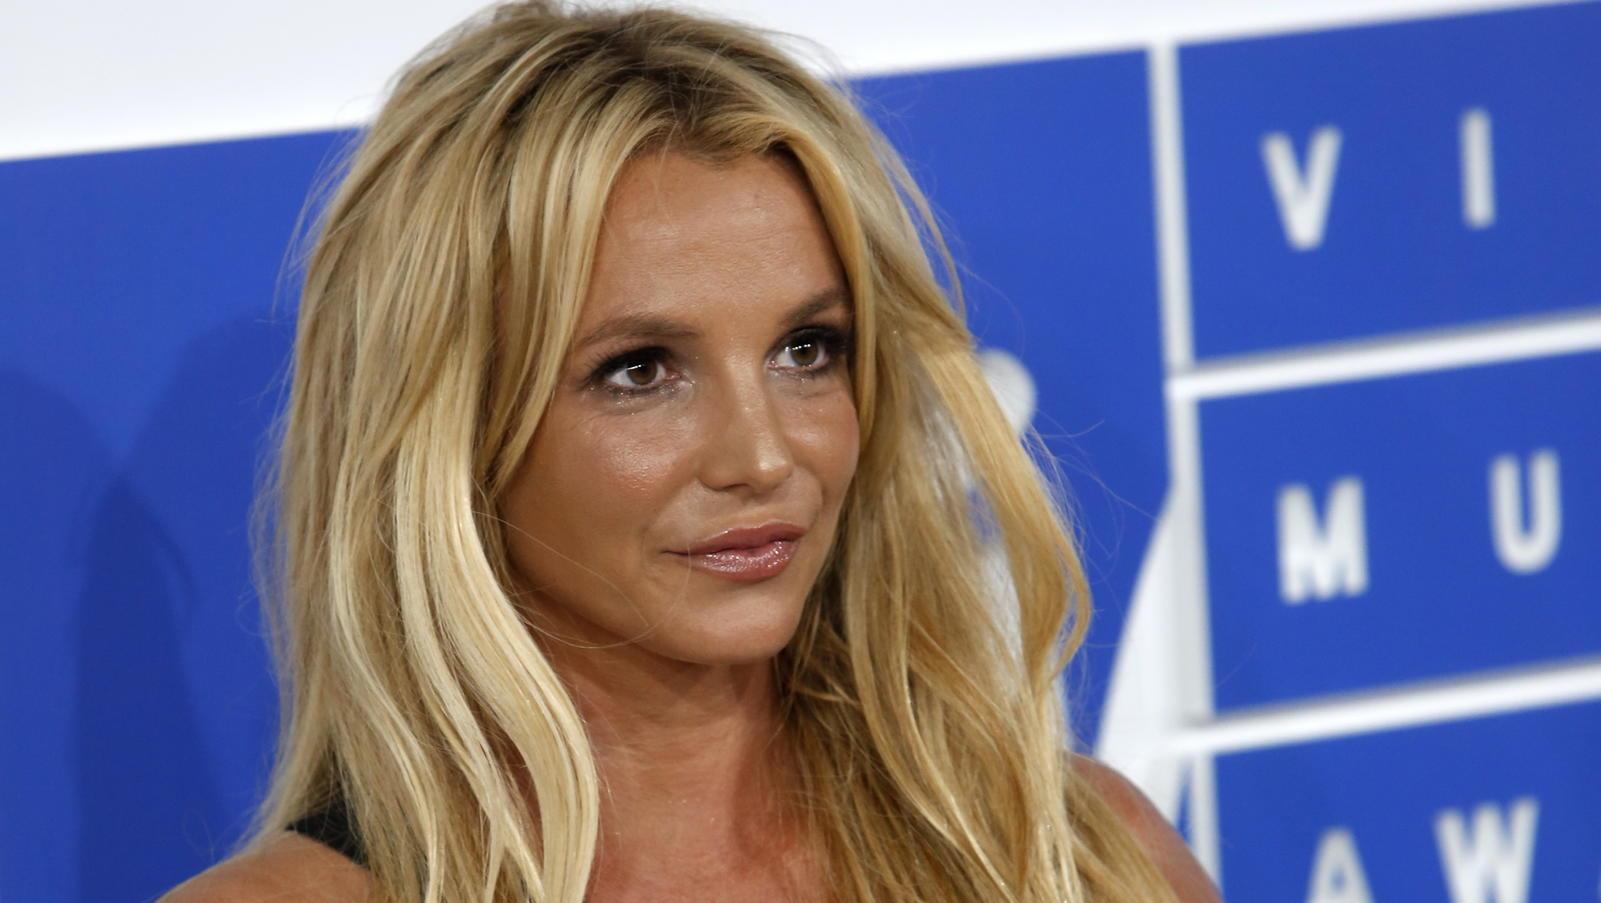 Weiterhin keine Freiheit in Sicht. Ausgerechnet wegen des Coronavirus muss Britney Spears nun weiterhin unter einer Vormundschaft leben.